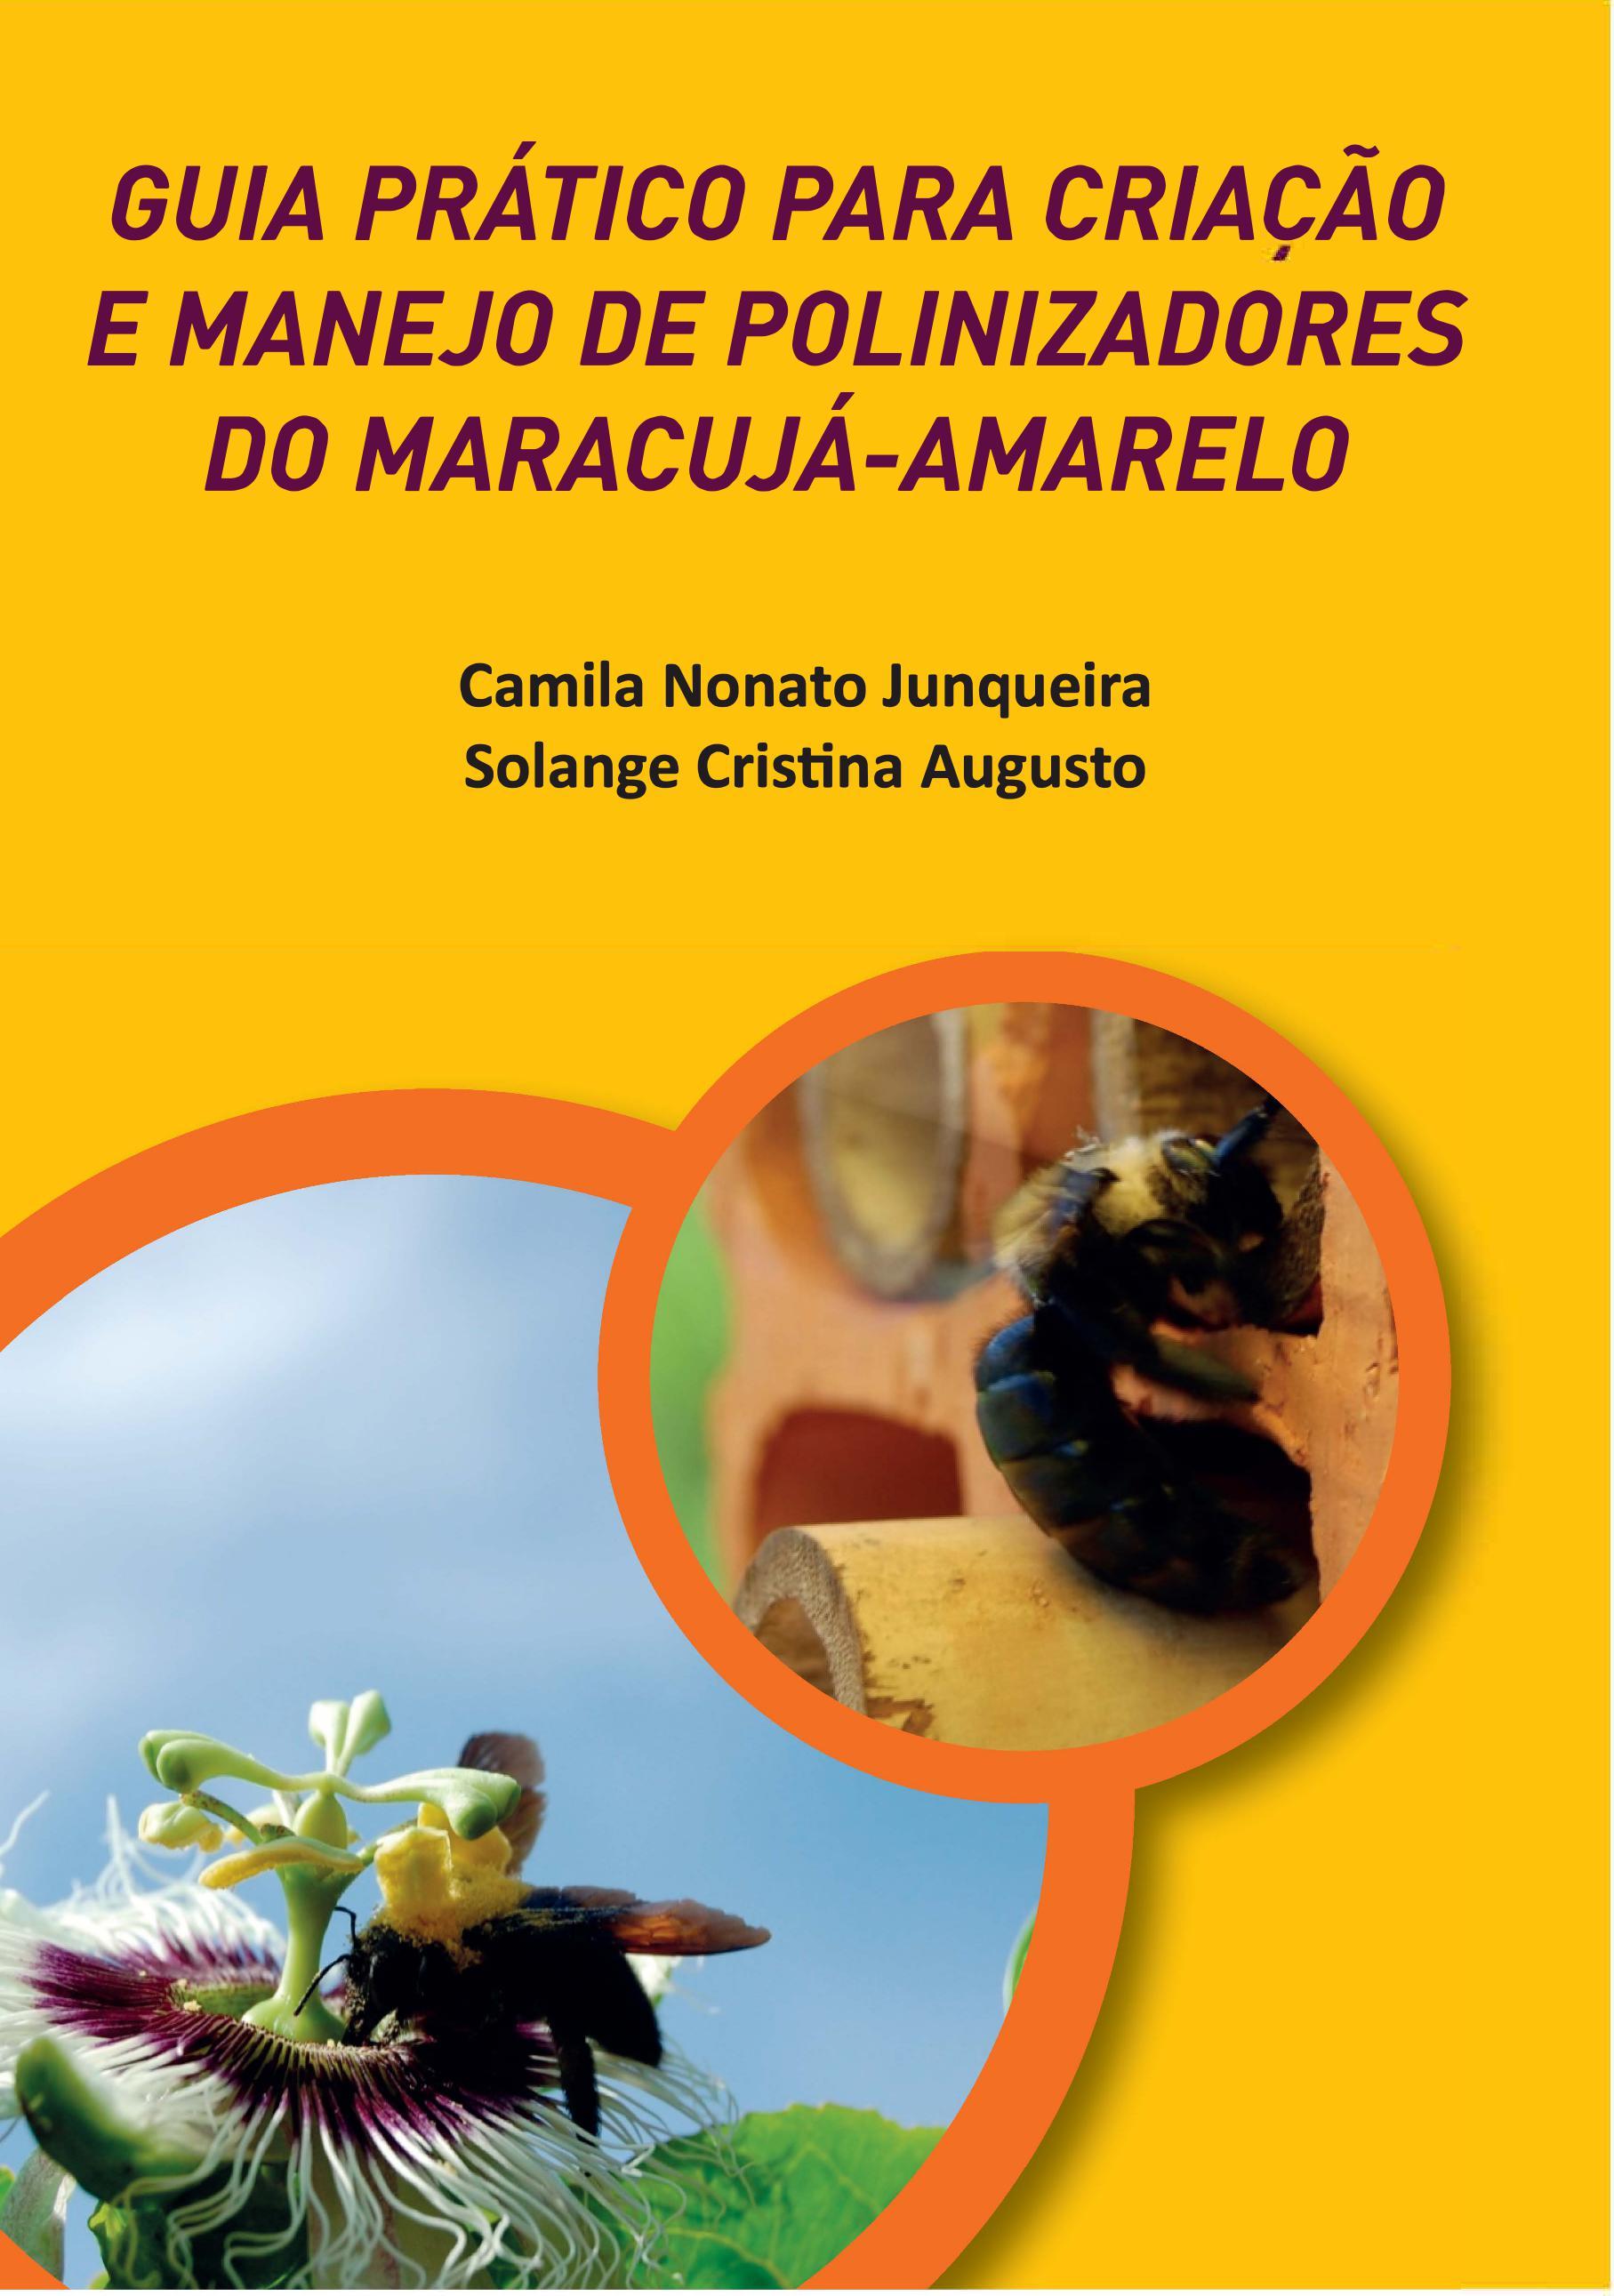 Guia prático para criação e manejo de polinizadores do maracujá-amarelo